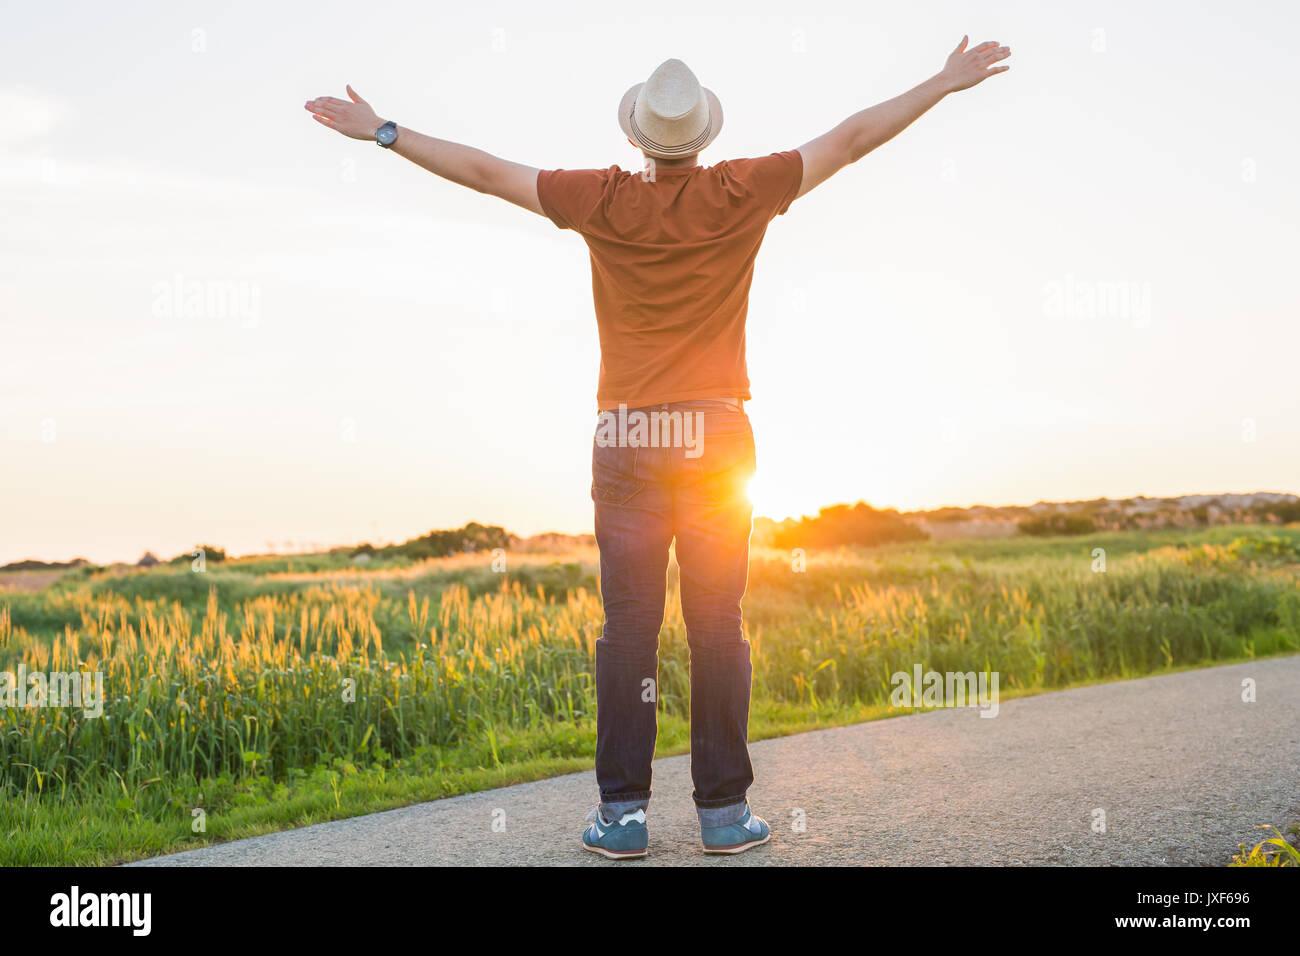 Silhouette Freiheit Mann Aufstieg Hände Hoch Guten Morgen